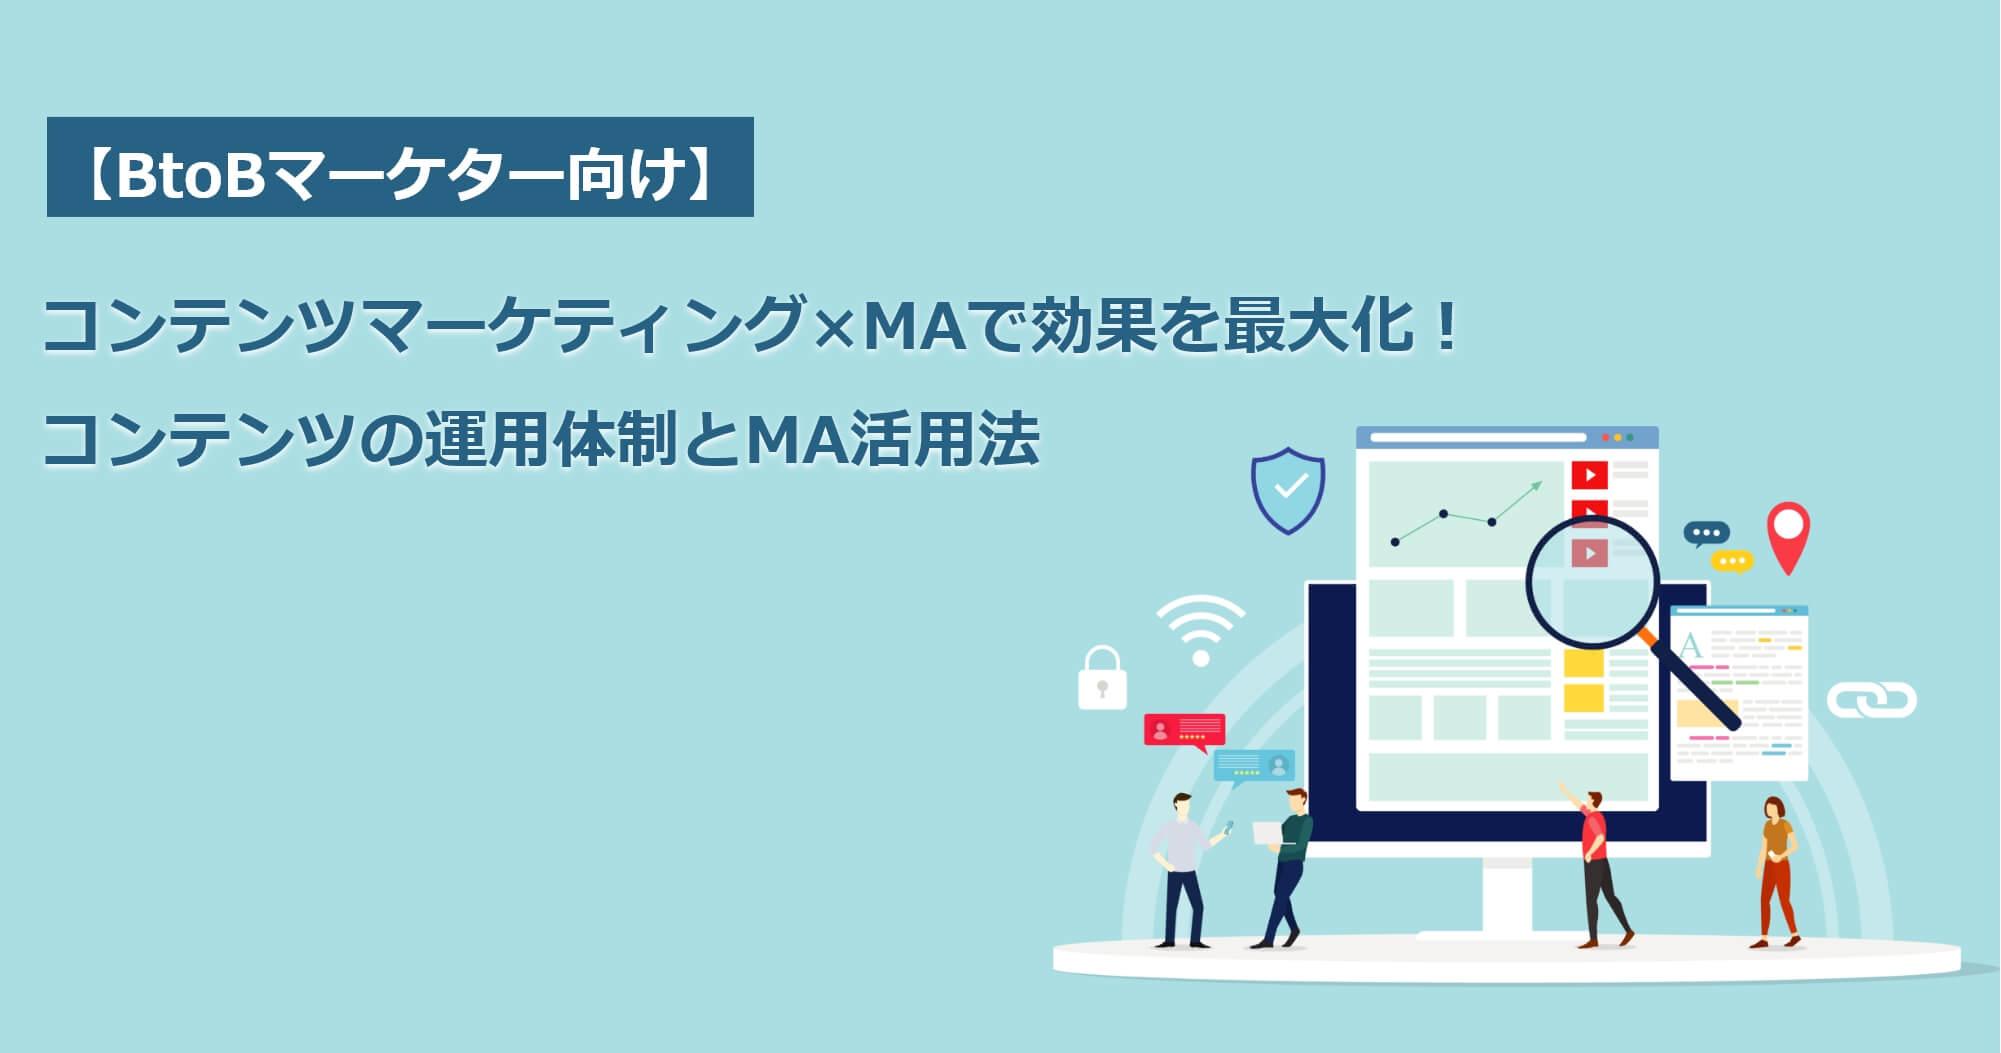 【7月22日(水)】コンテンツマーケティング×MAで効果を最大化!コンテンツの運用体制とMA活用法